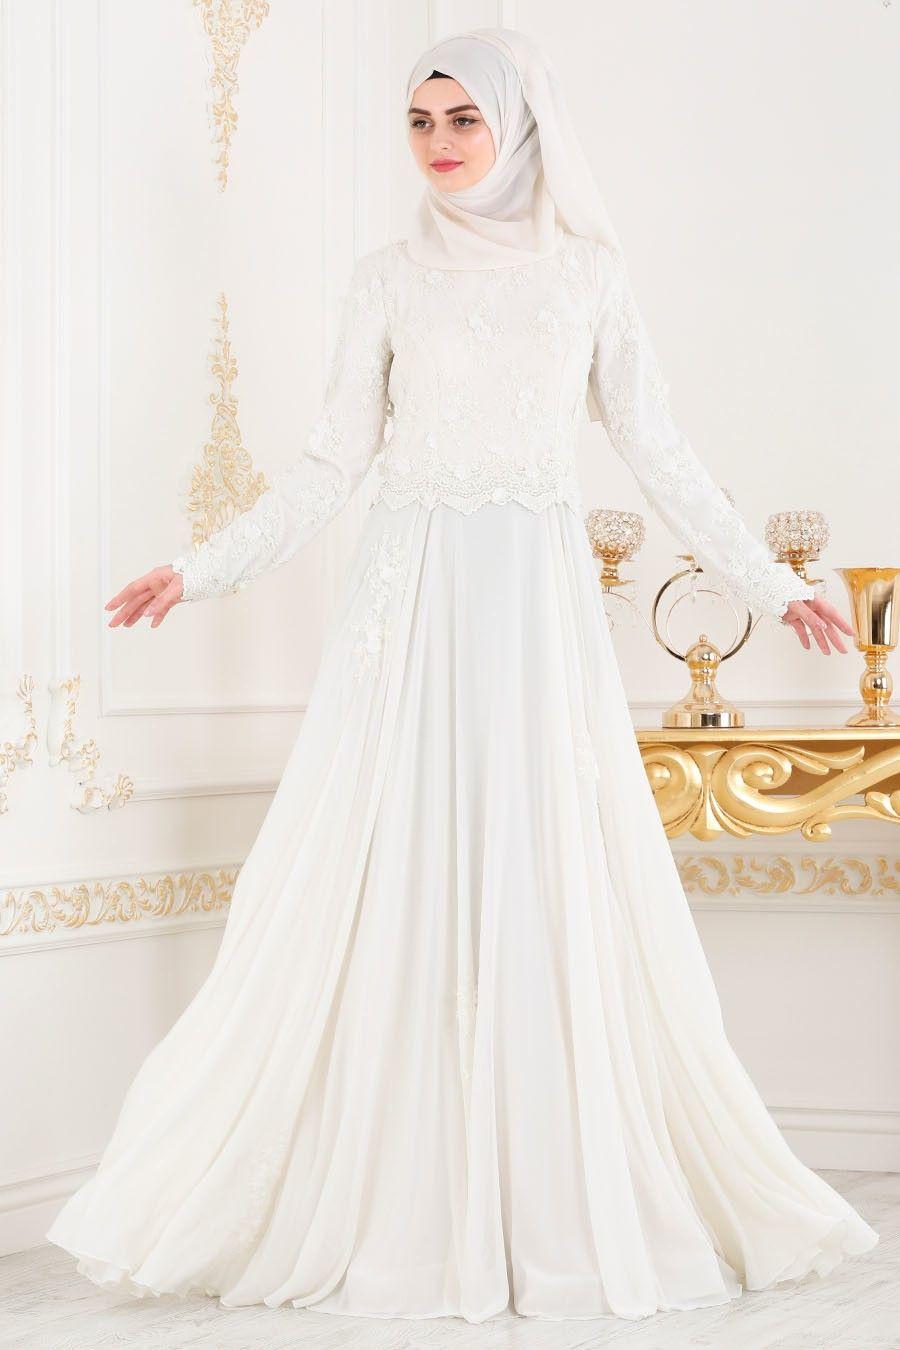 Tesetturlu Abiye Elbise Boncuk Detayli Beyaz Tesettur Abiye Elbise 43961b Tesetturisland Com Elbise The Dress Elbiseler